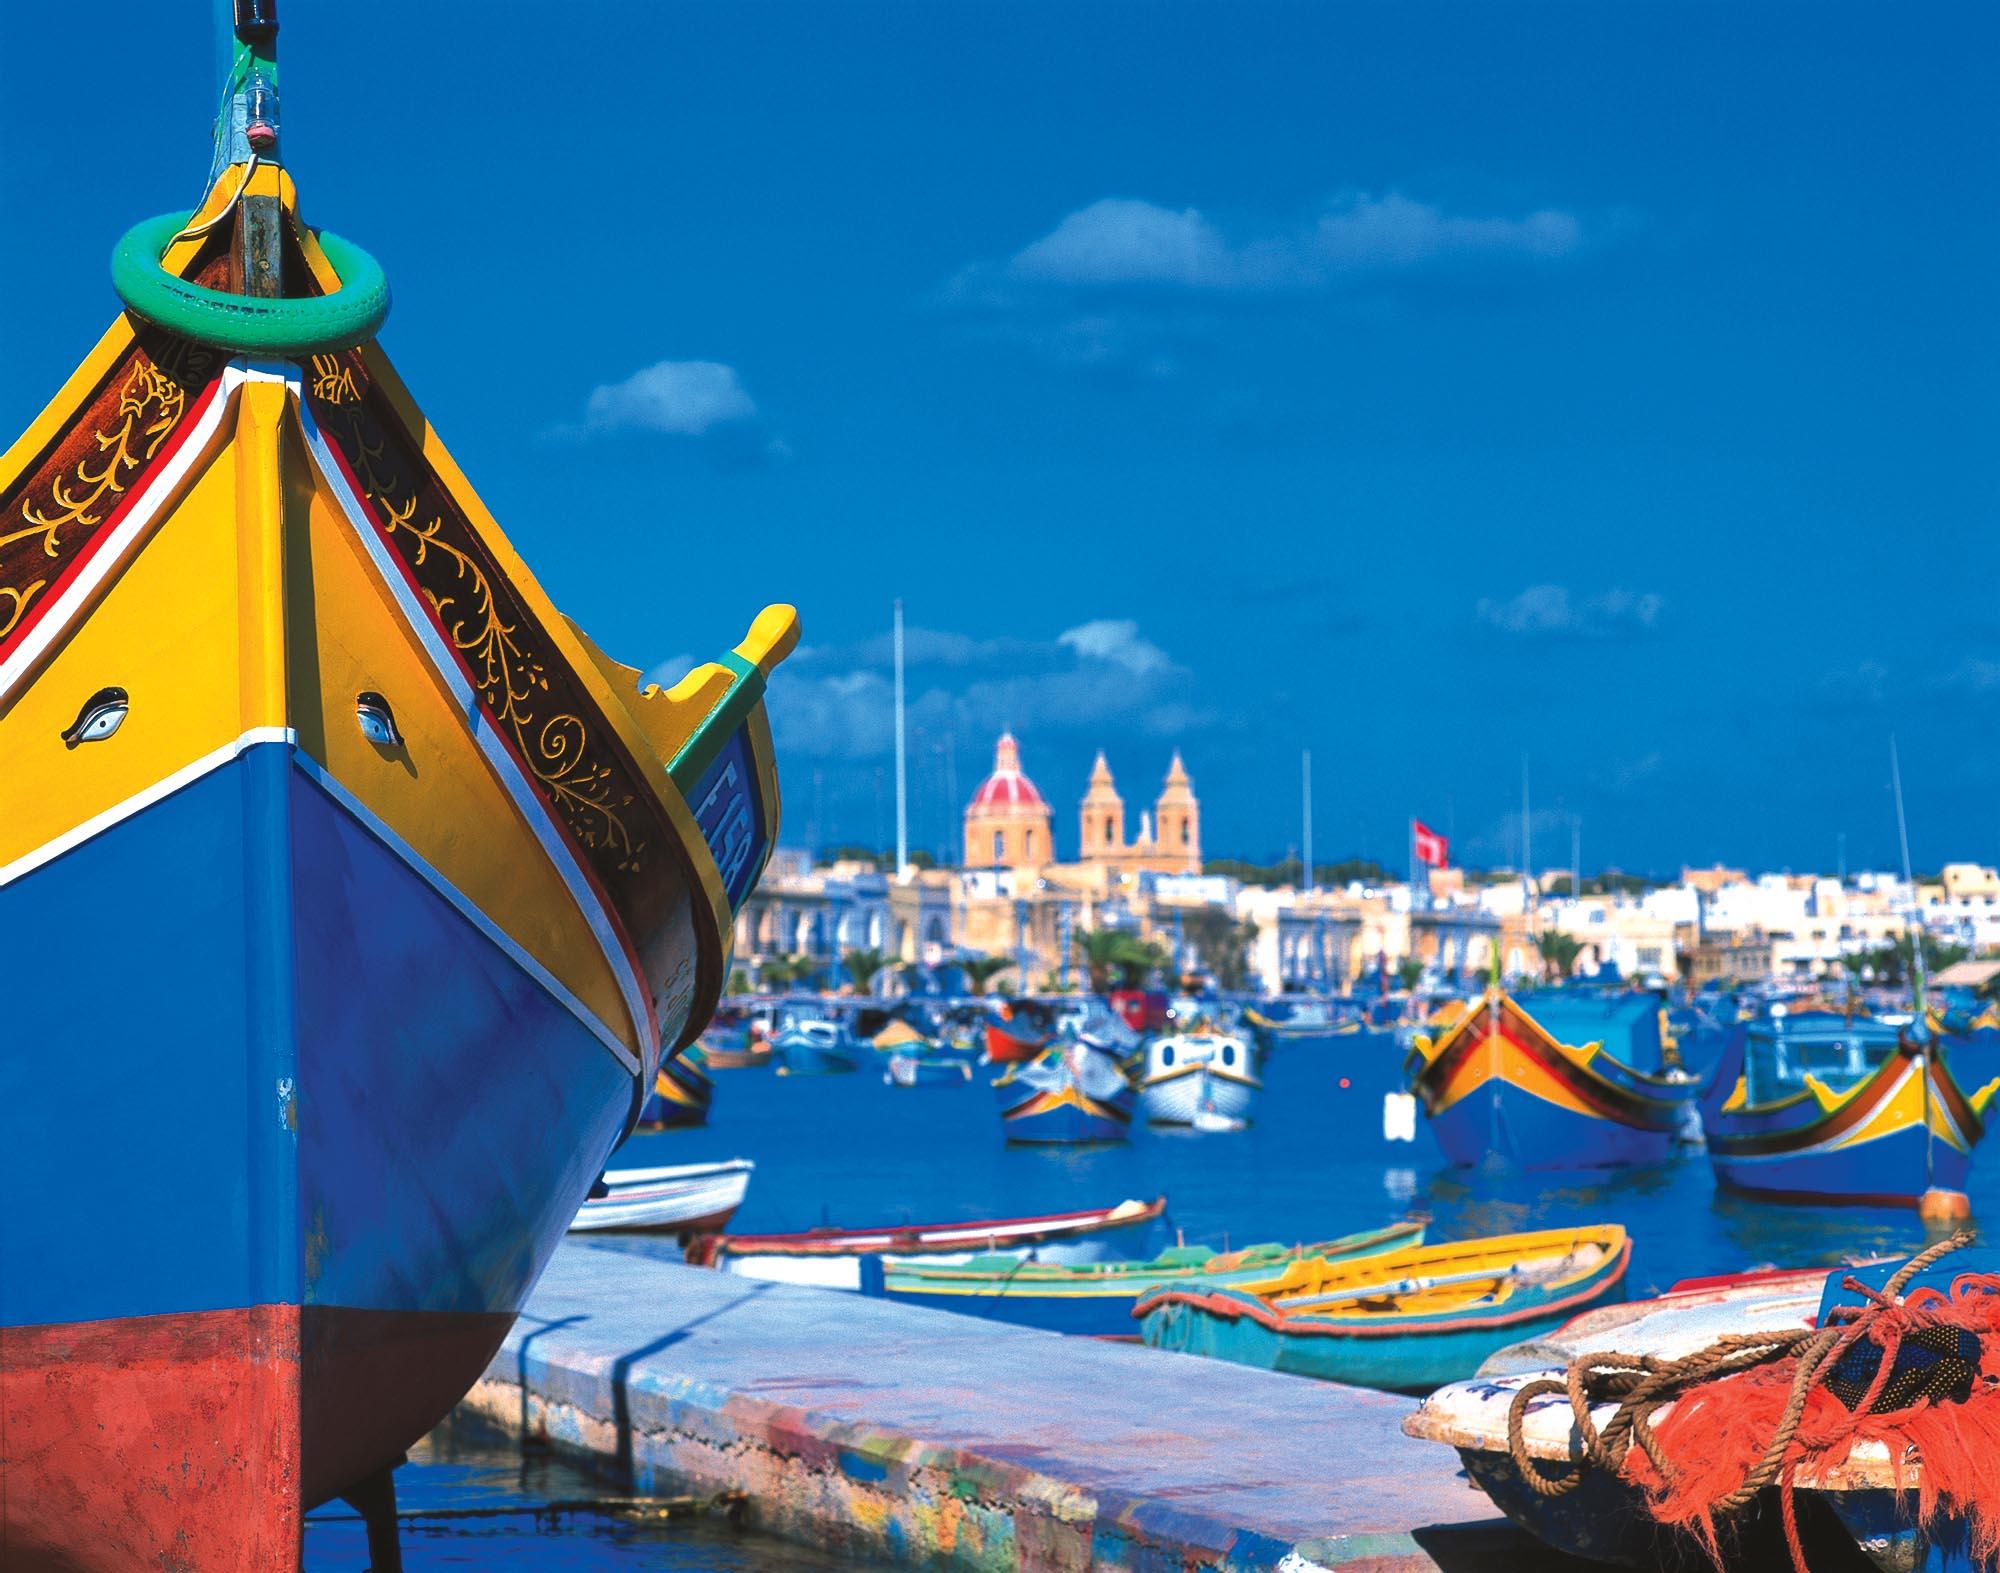 У порту пришвартовані культові жовто-блакитні рибальські човни Luzzu з традиційними очима Осіріса проти сирен та іншої морської нечисті. Захист дуже дієвий оскільки ще жоден човен з такими очима сирени не потопили